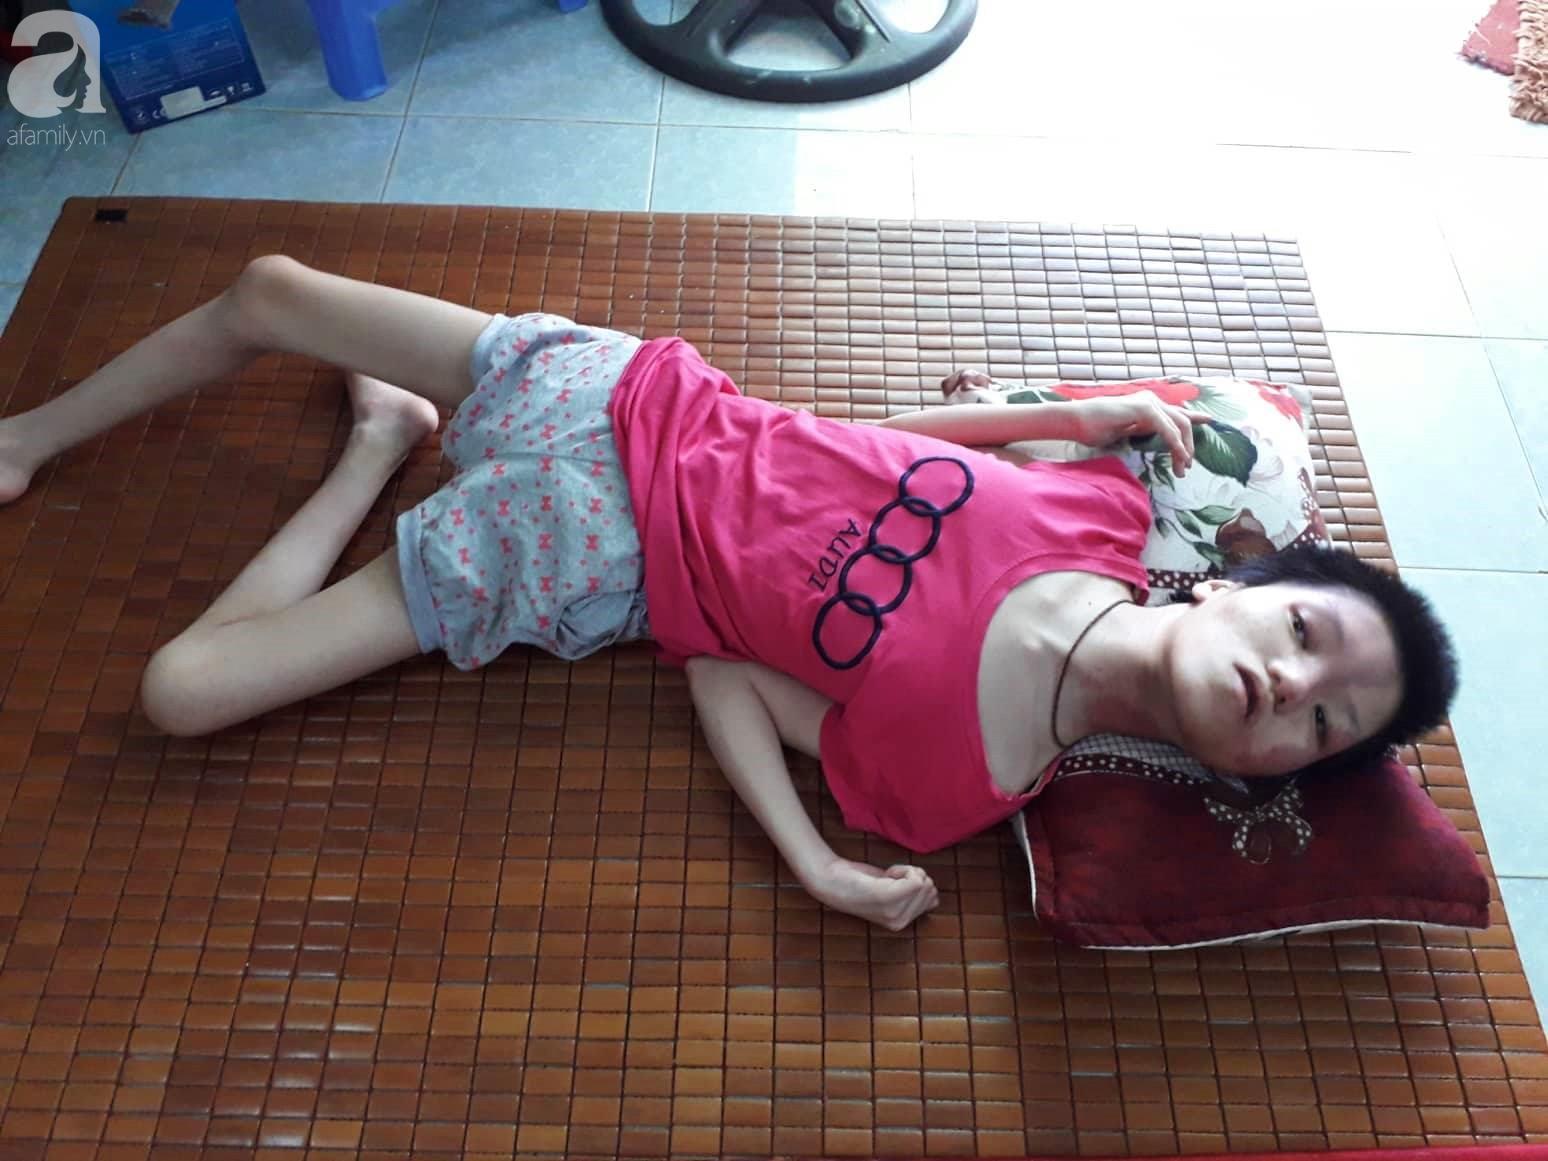 Đà Nẵng: Người mẹ nghèo nuôi 3 con thơ nheo nhóc, bất lực nhìn con gái 15 tuổi co giật vì bệnh u máu quái ác - Ảnh 10.